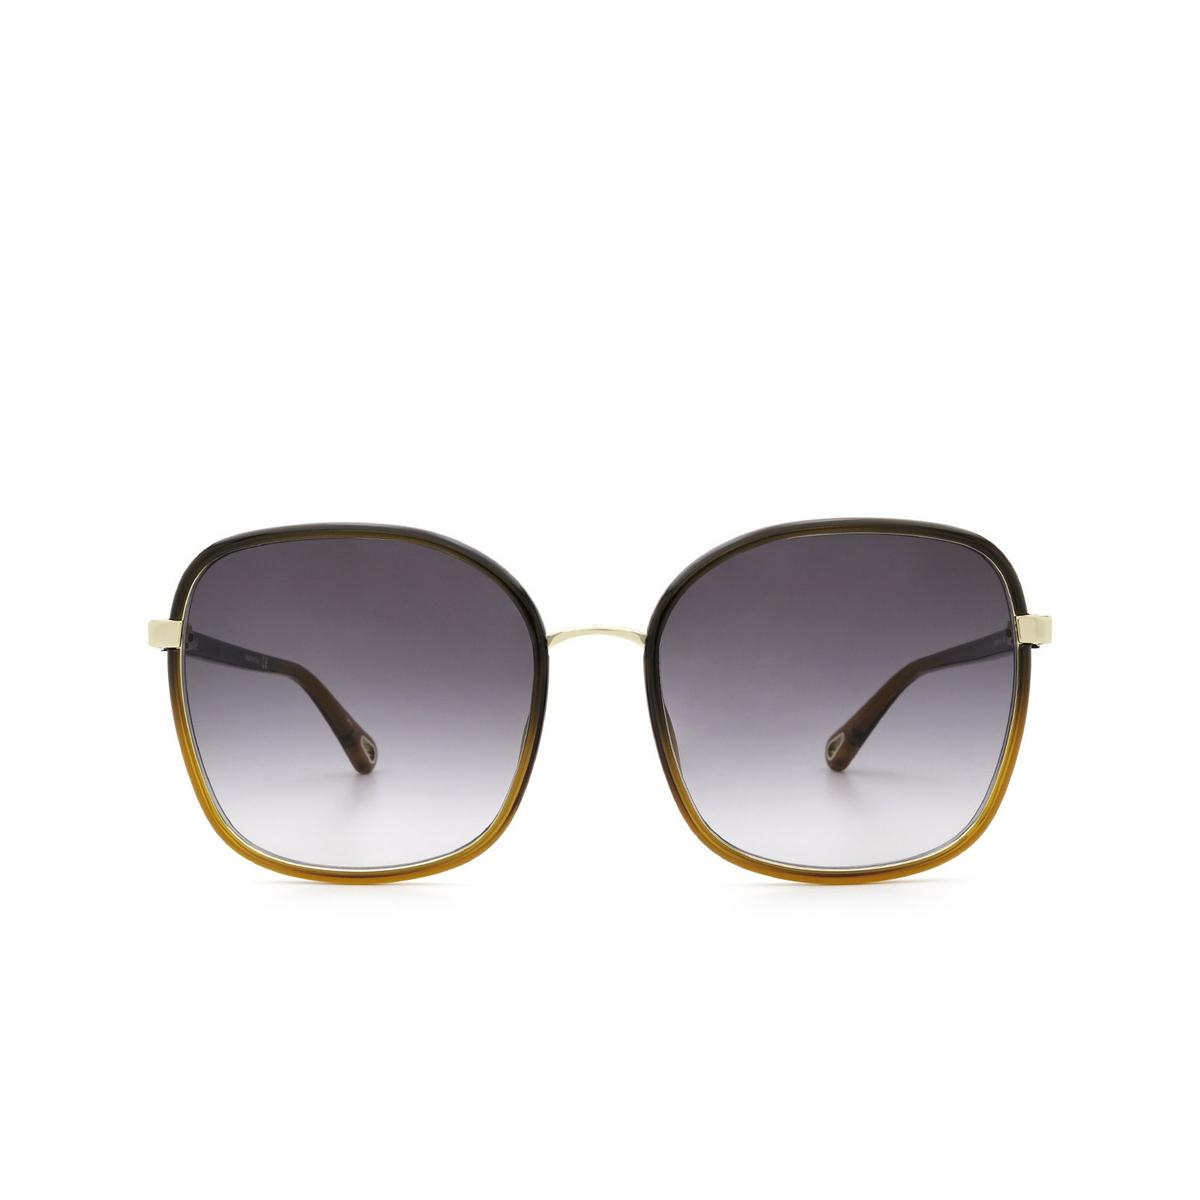 Chloé® Square Sunglasses: CH0031S color Black 005 - front view.